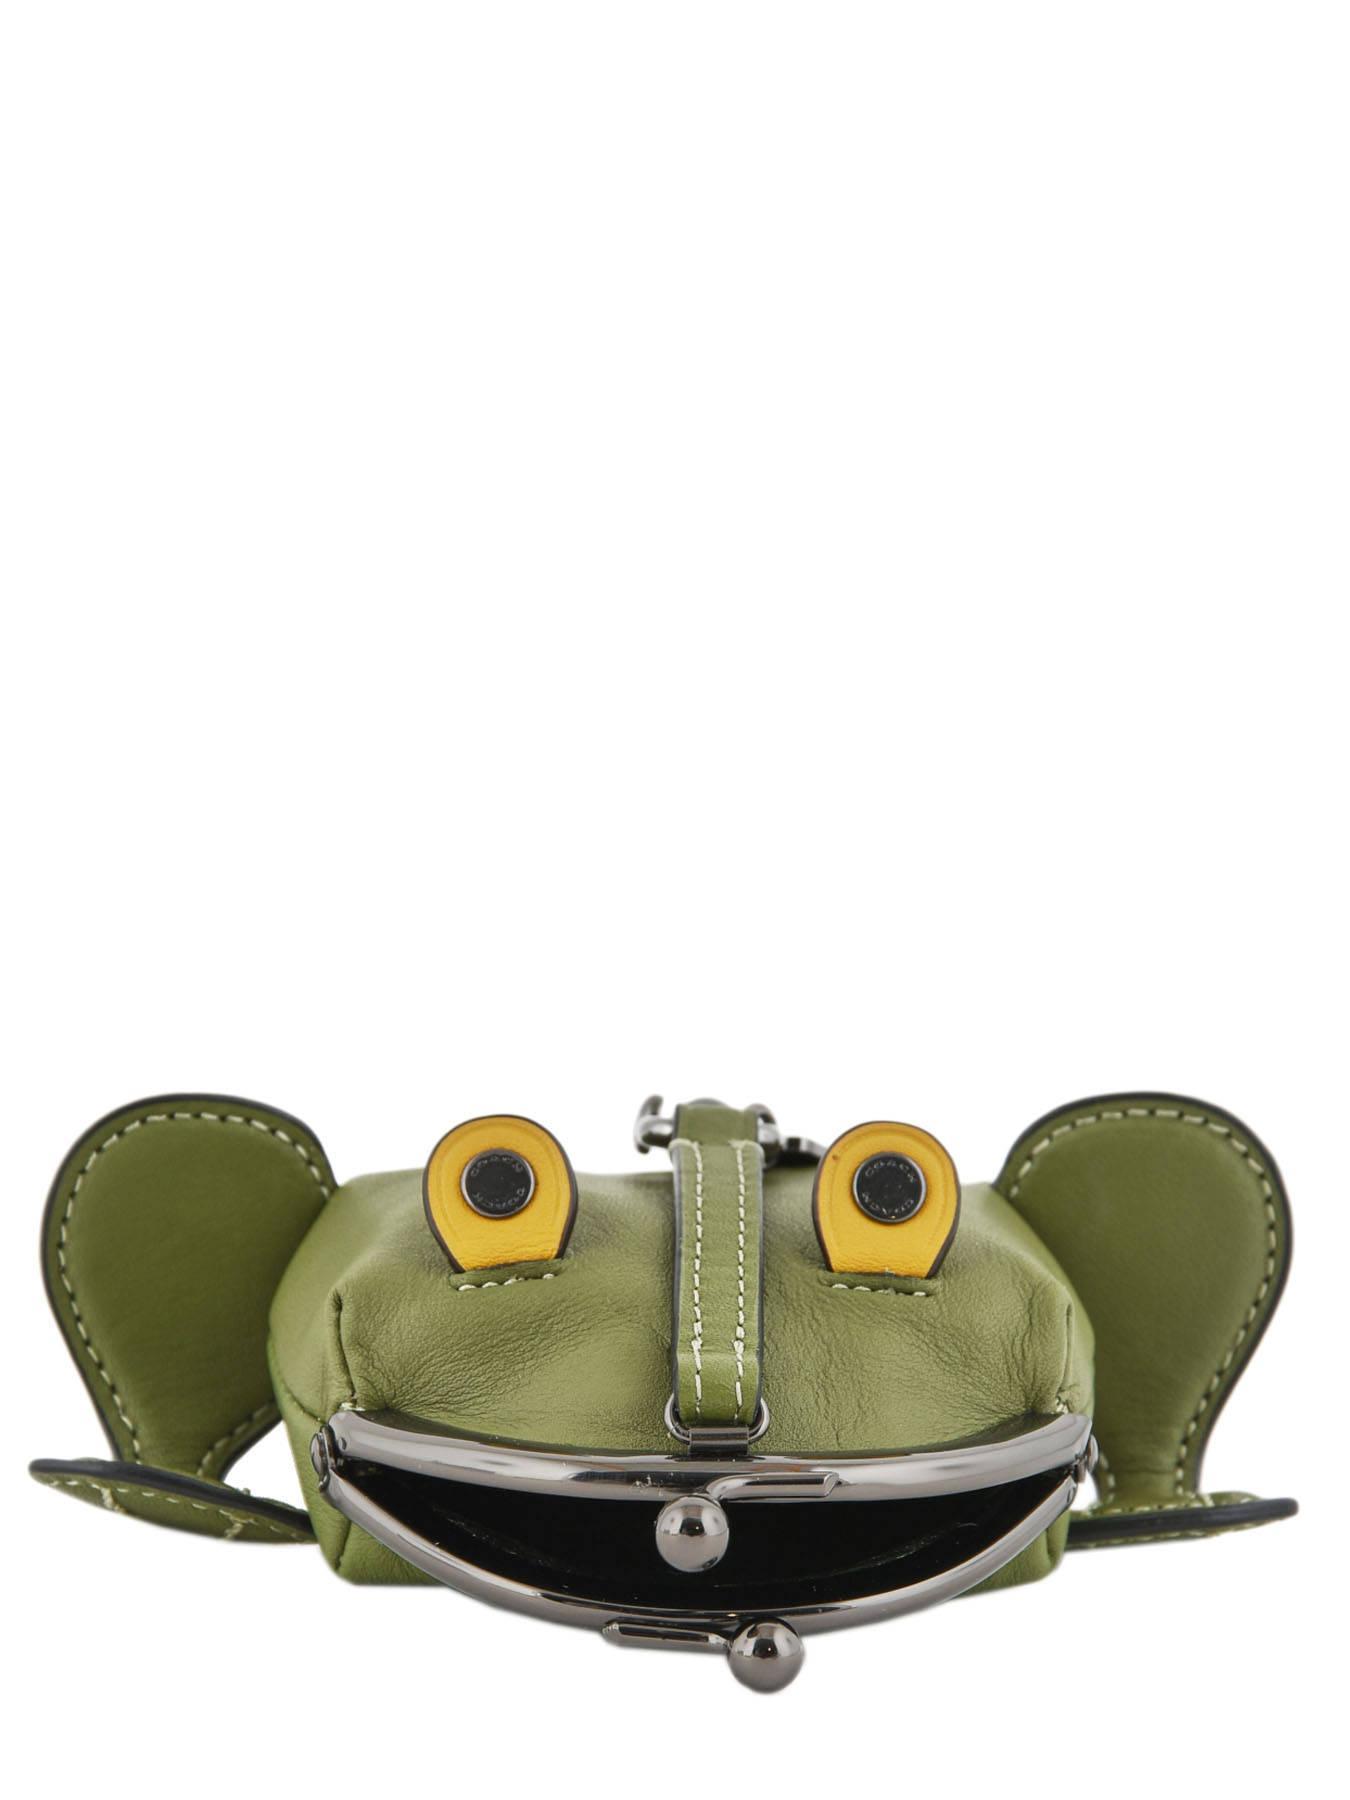 Porte Monnaie Froggy Cuir Coach Vert cases 21094